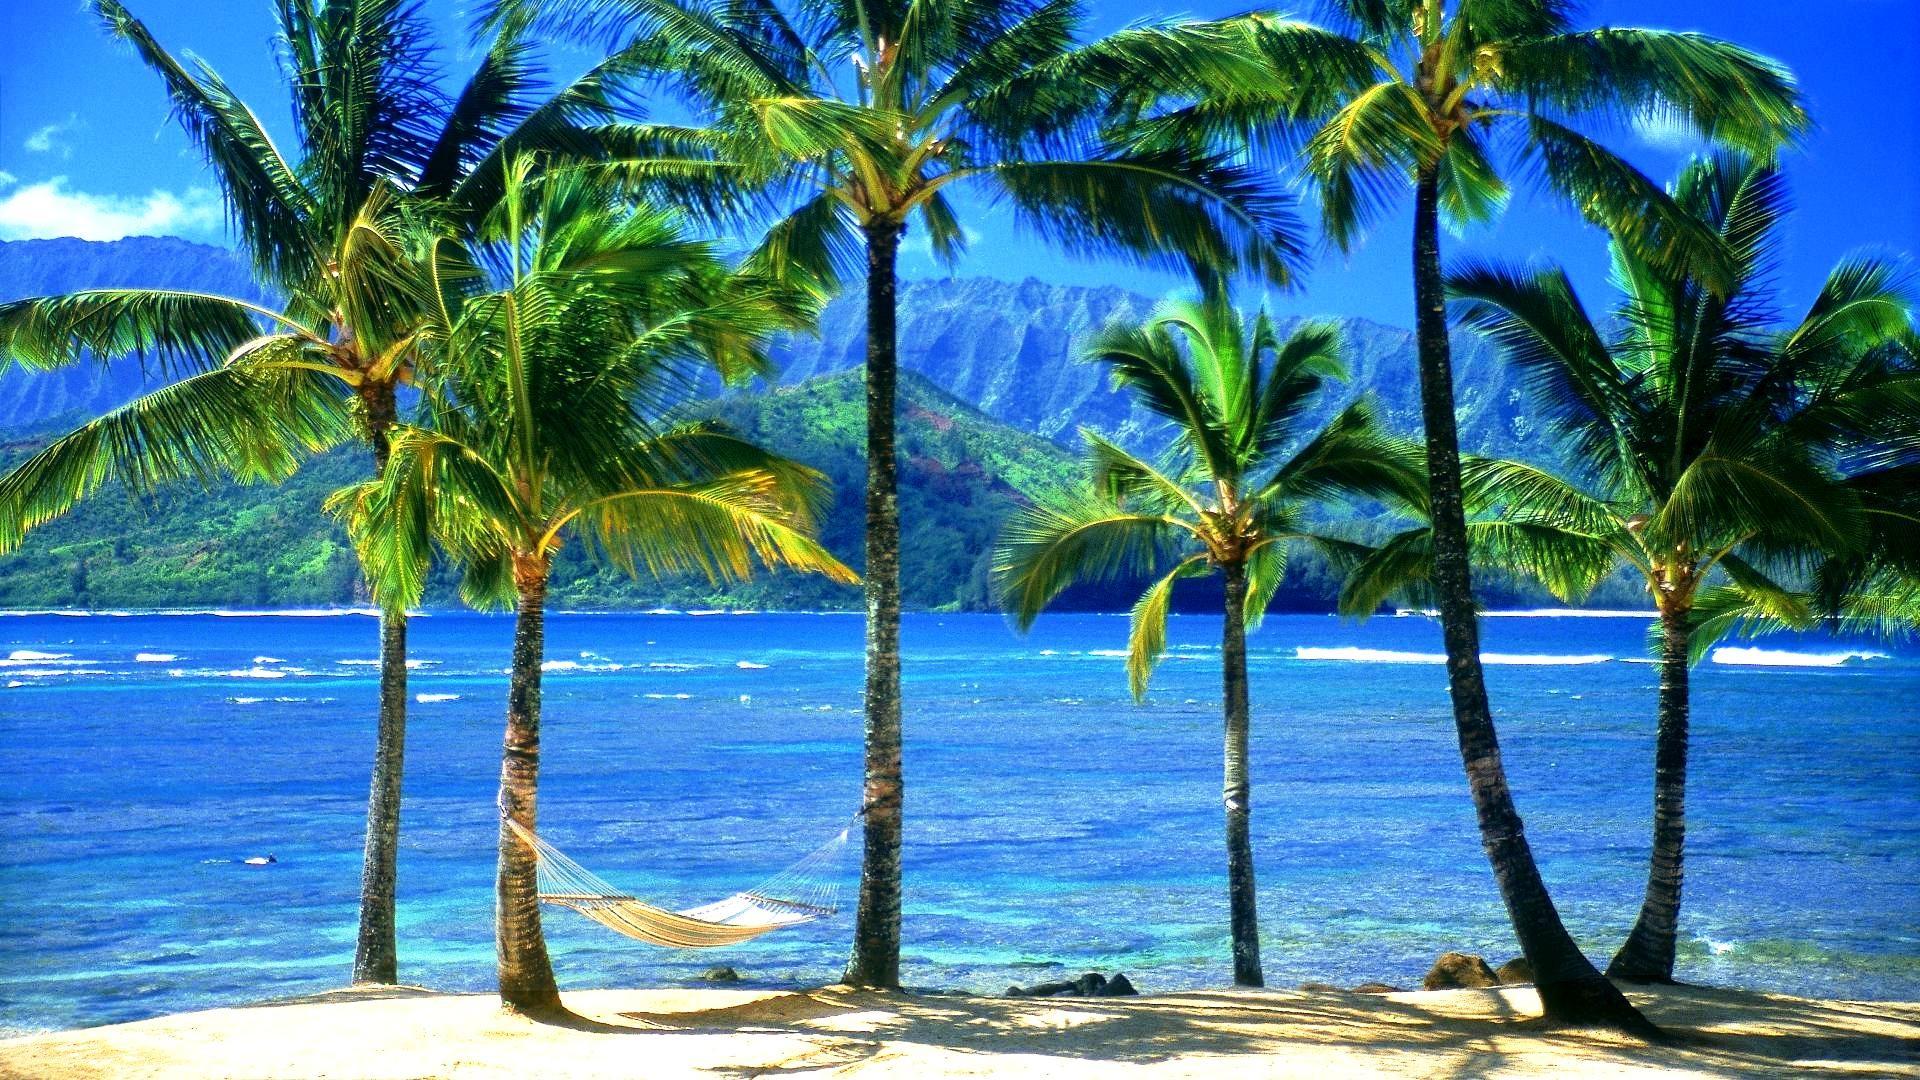 … Hawaiian Desktop Wallpaper Hawaii Beach The Excitement To Set The  Hawaiian Desktop Wallpaper …